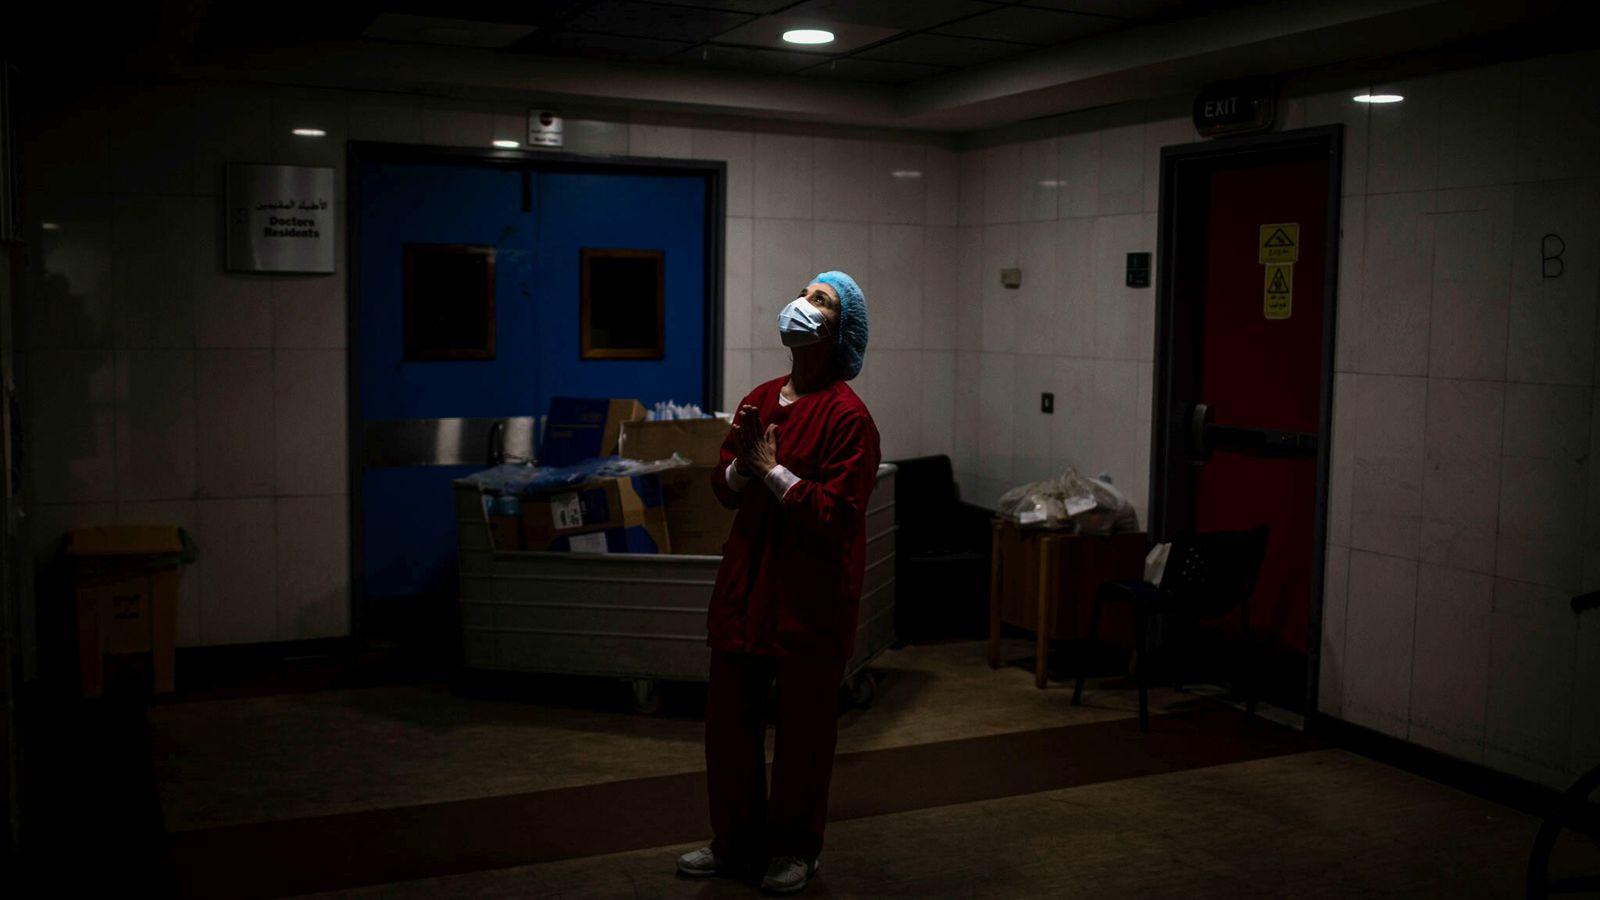 Une infirmière prie dans les couloirs de l'unité de soins intensifs de l'hôpital universitaire Rafik Hariri, ...